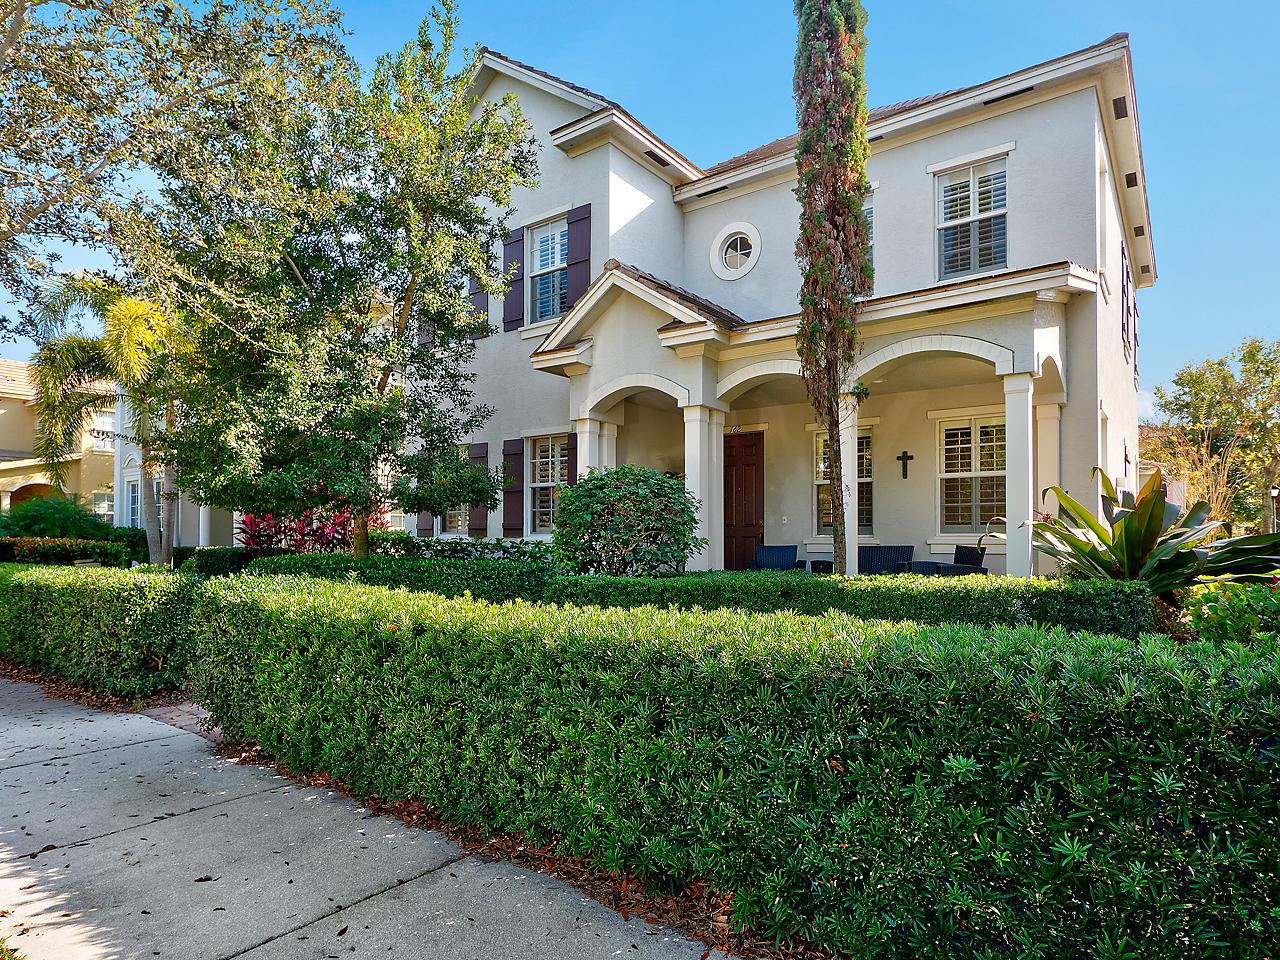 New Home for sale at 162 Bandon Lane in Jupiter